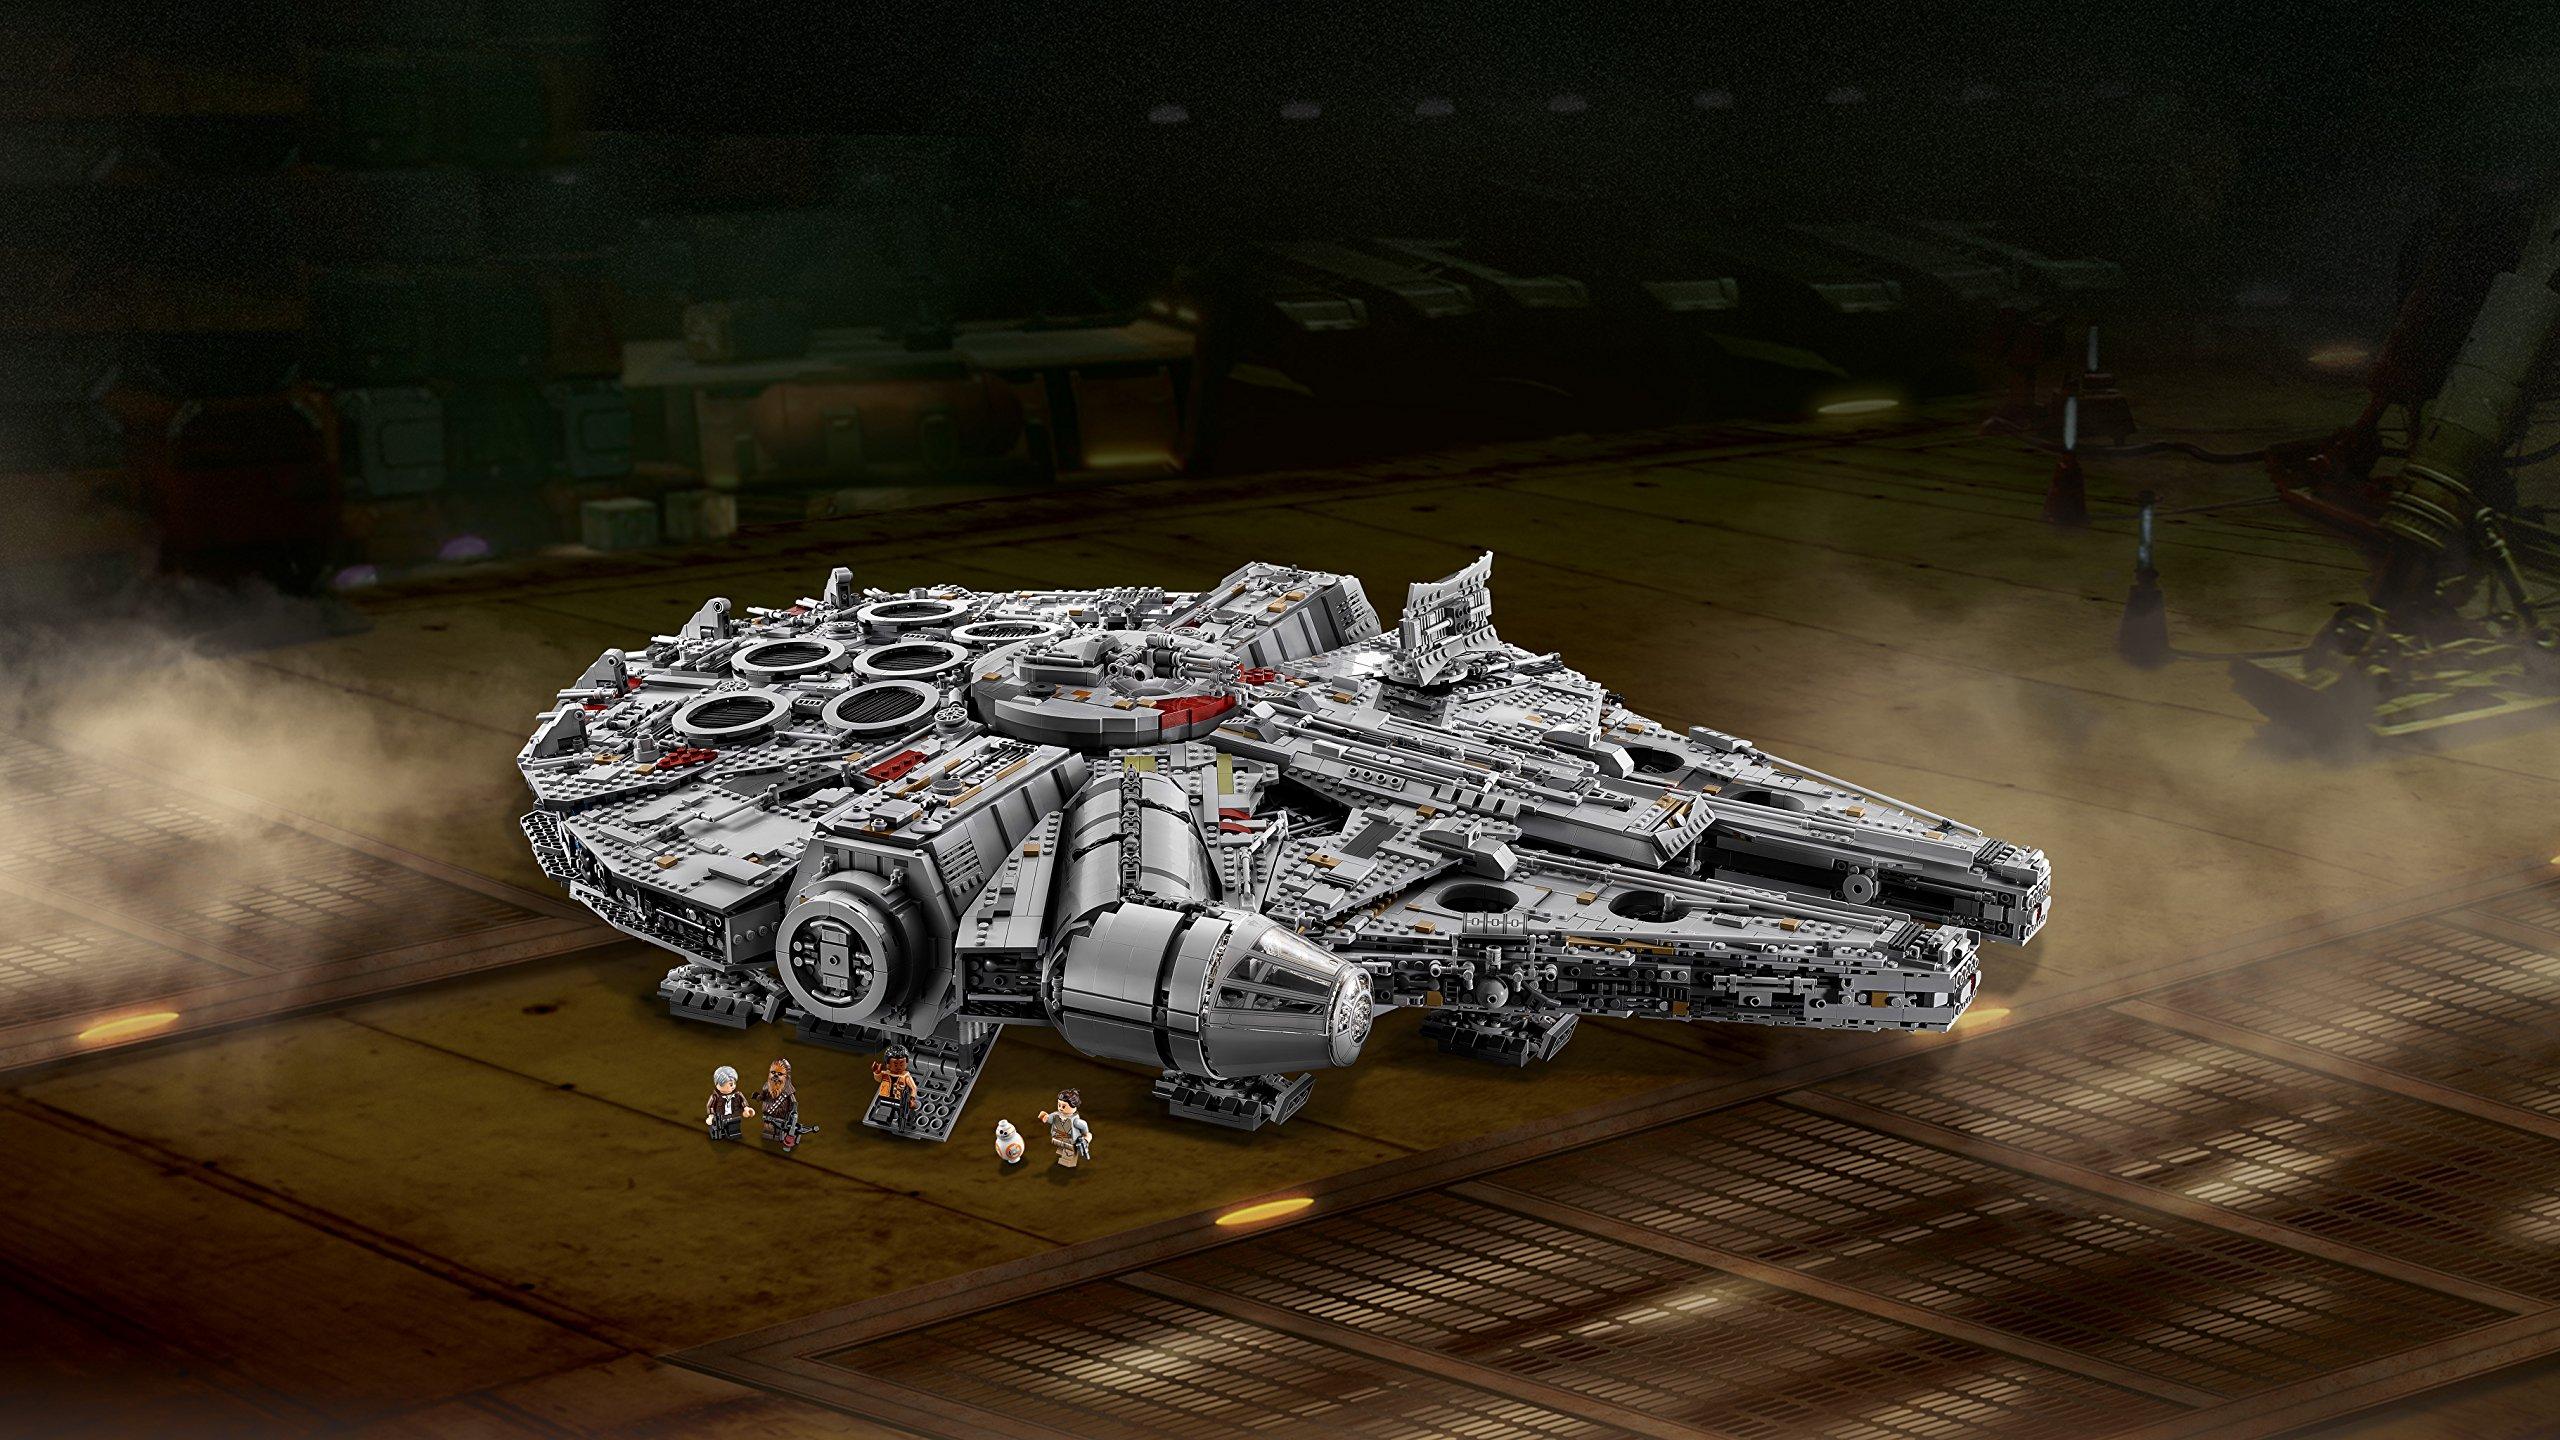 LEGO Millennium Falcon Costruzioni Piccole Gioco Bambina Giocattolo 140, Multicolore, 5702015869935 3 spesavip